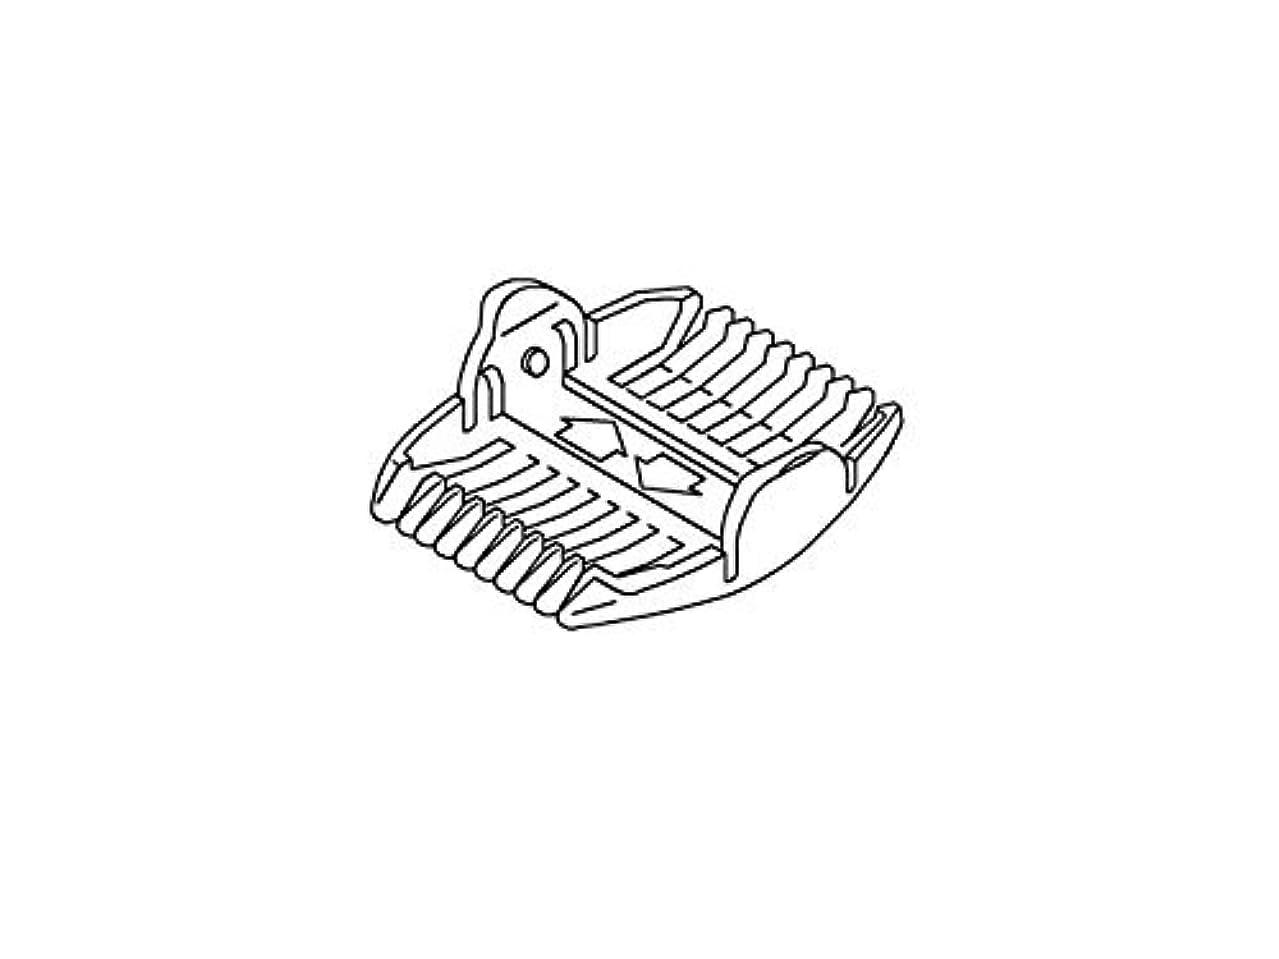 通信するストッキングロイヤリティPanasonic 刈り高さアタッチメント(3/6mm) ERGF80W7397